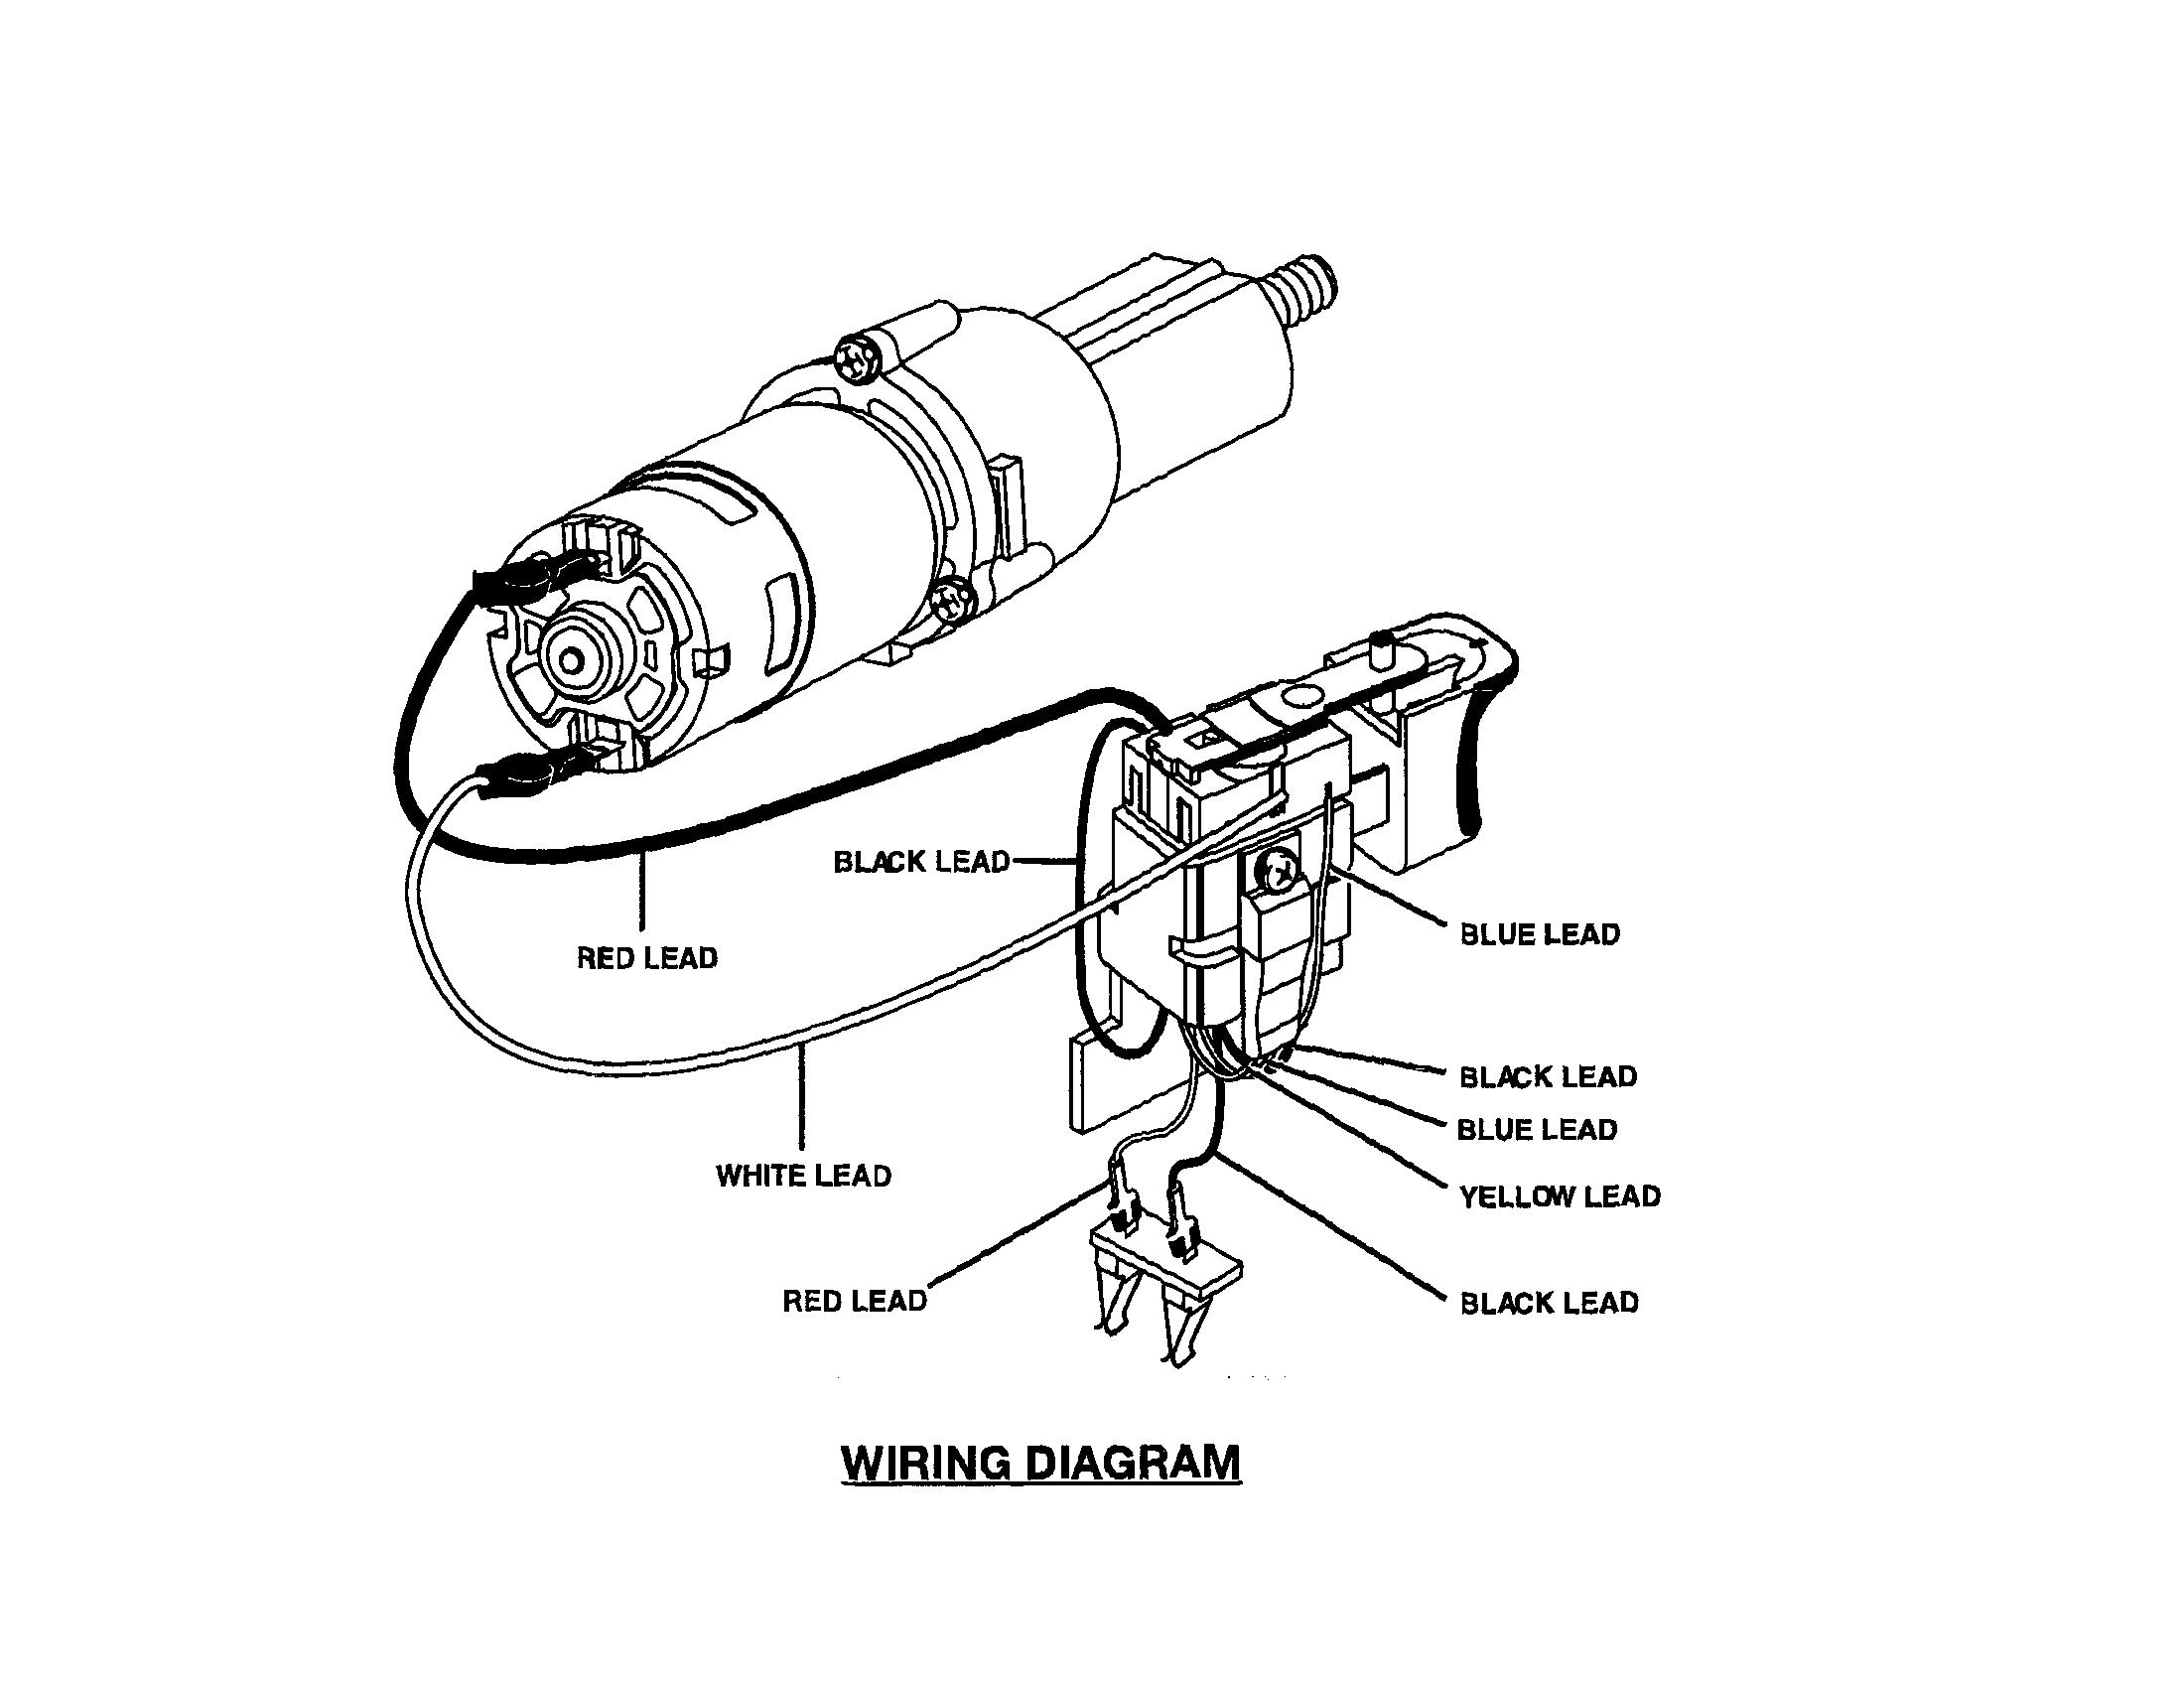 Ryobi model SA1802 drill driver genuine parts